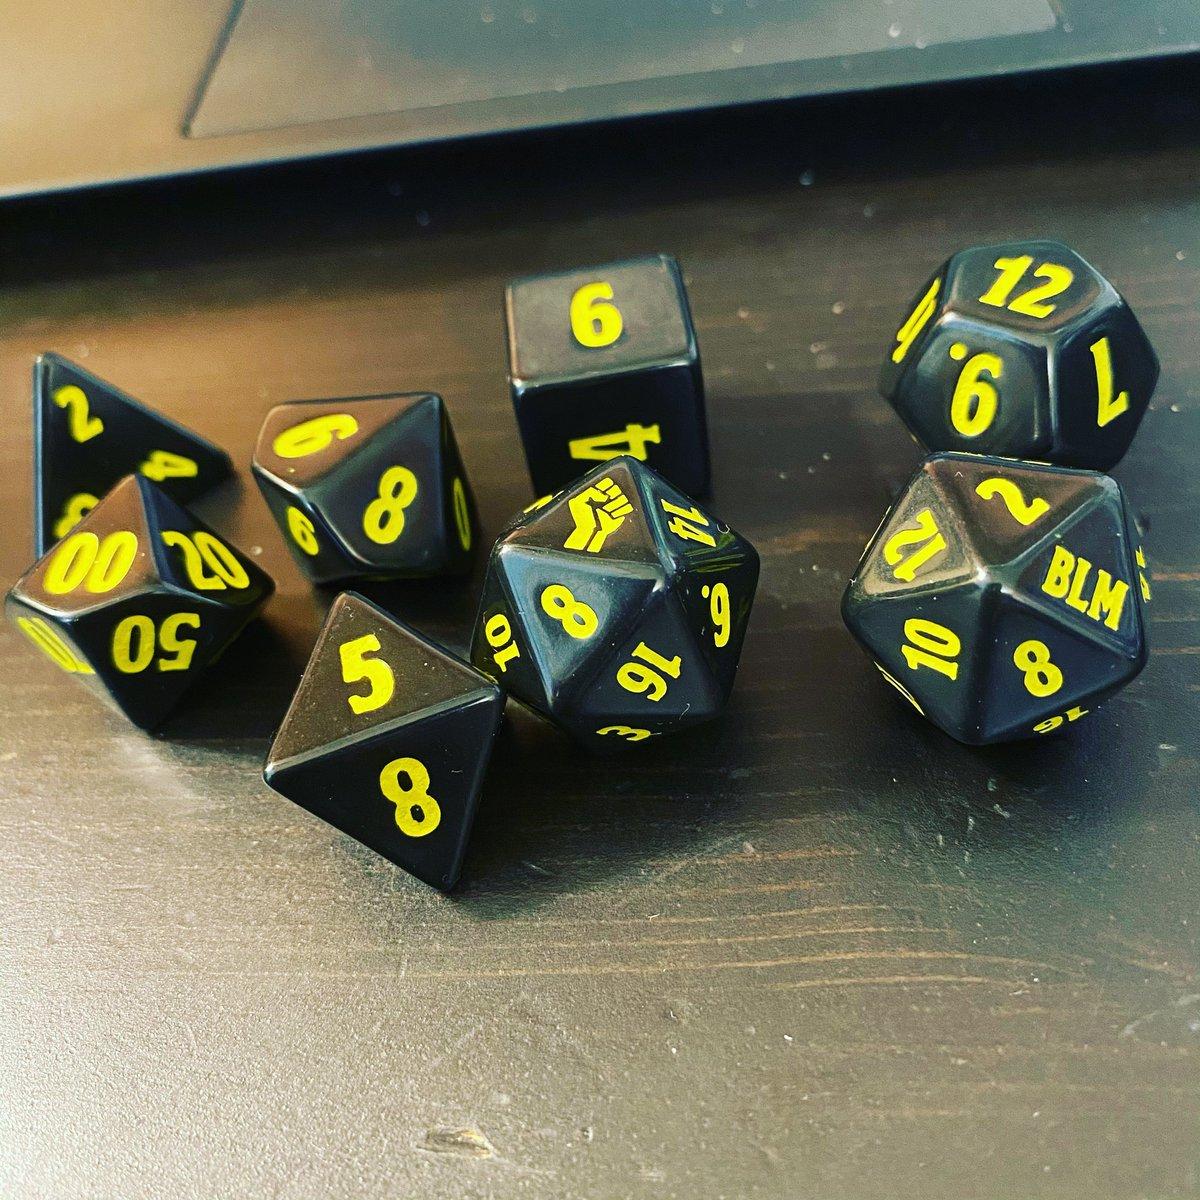 Got some new dice. #BLM #dice #dnd #ttrpg https://t.co/BCRcTKjHss